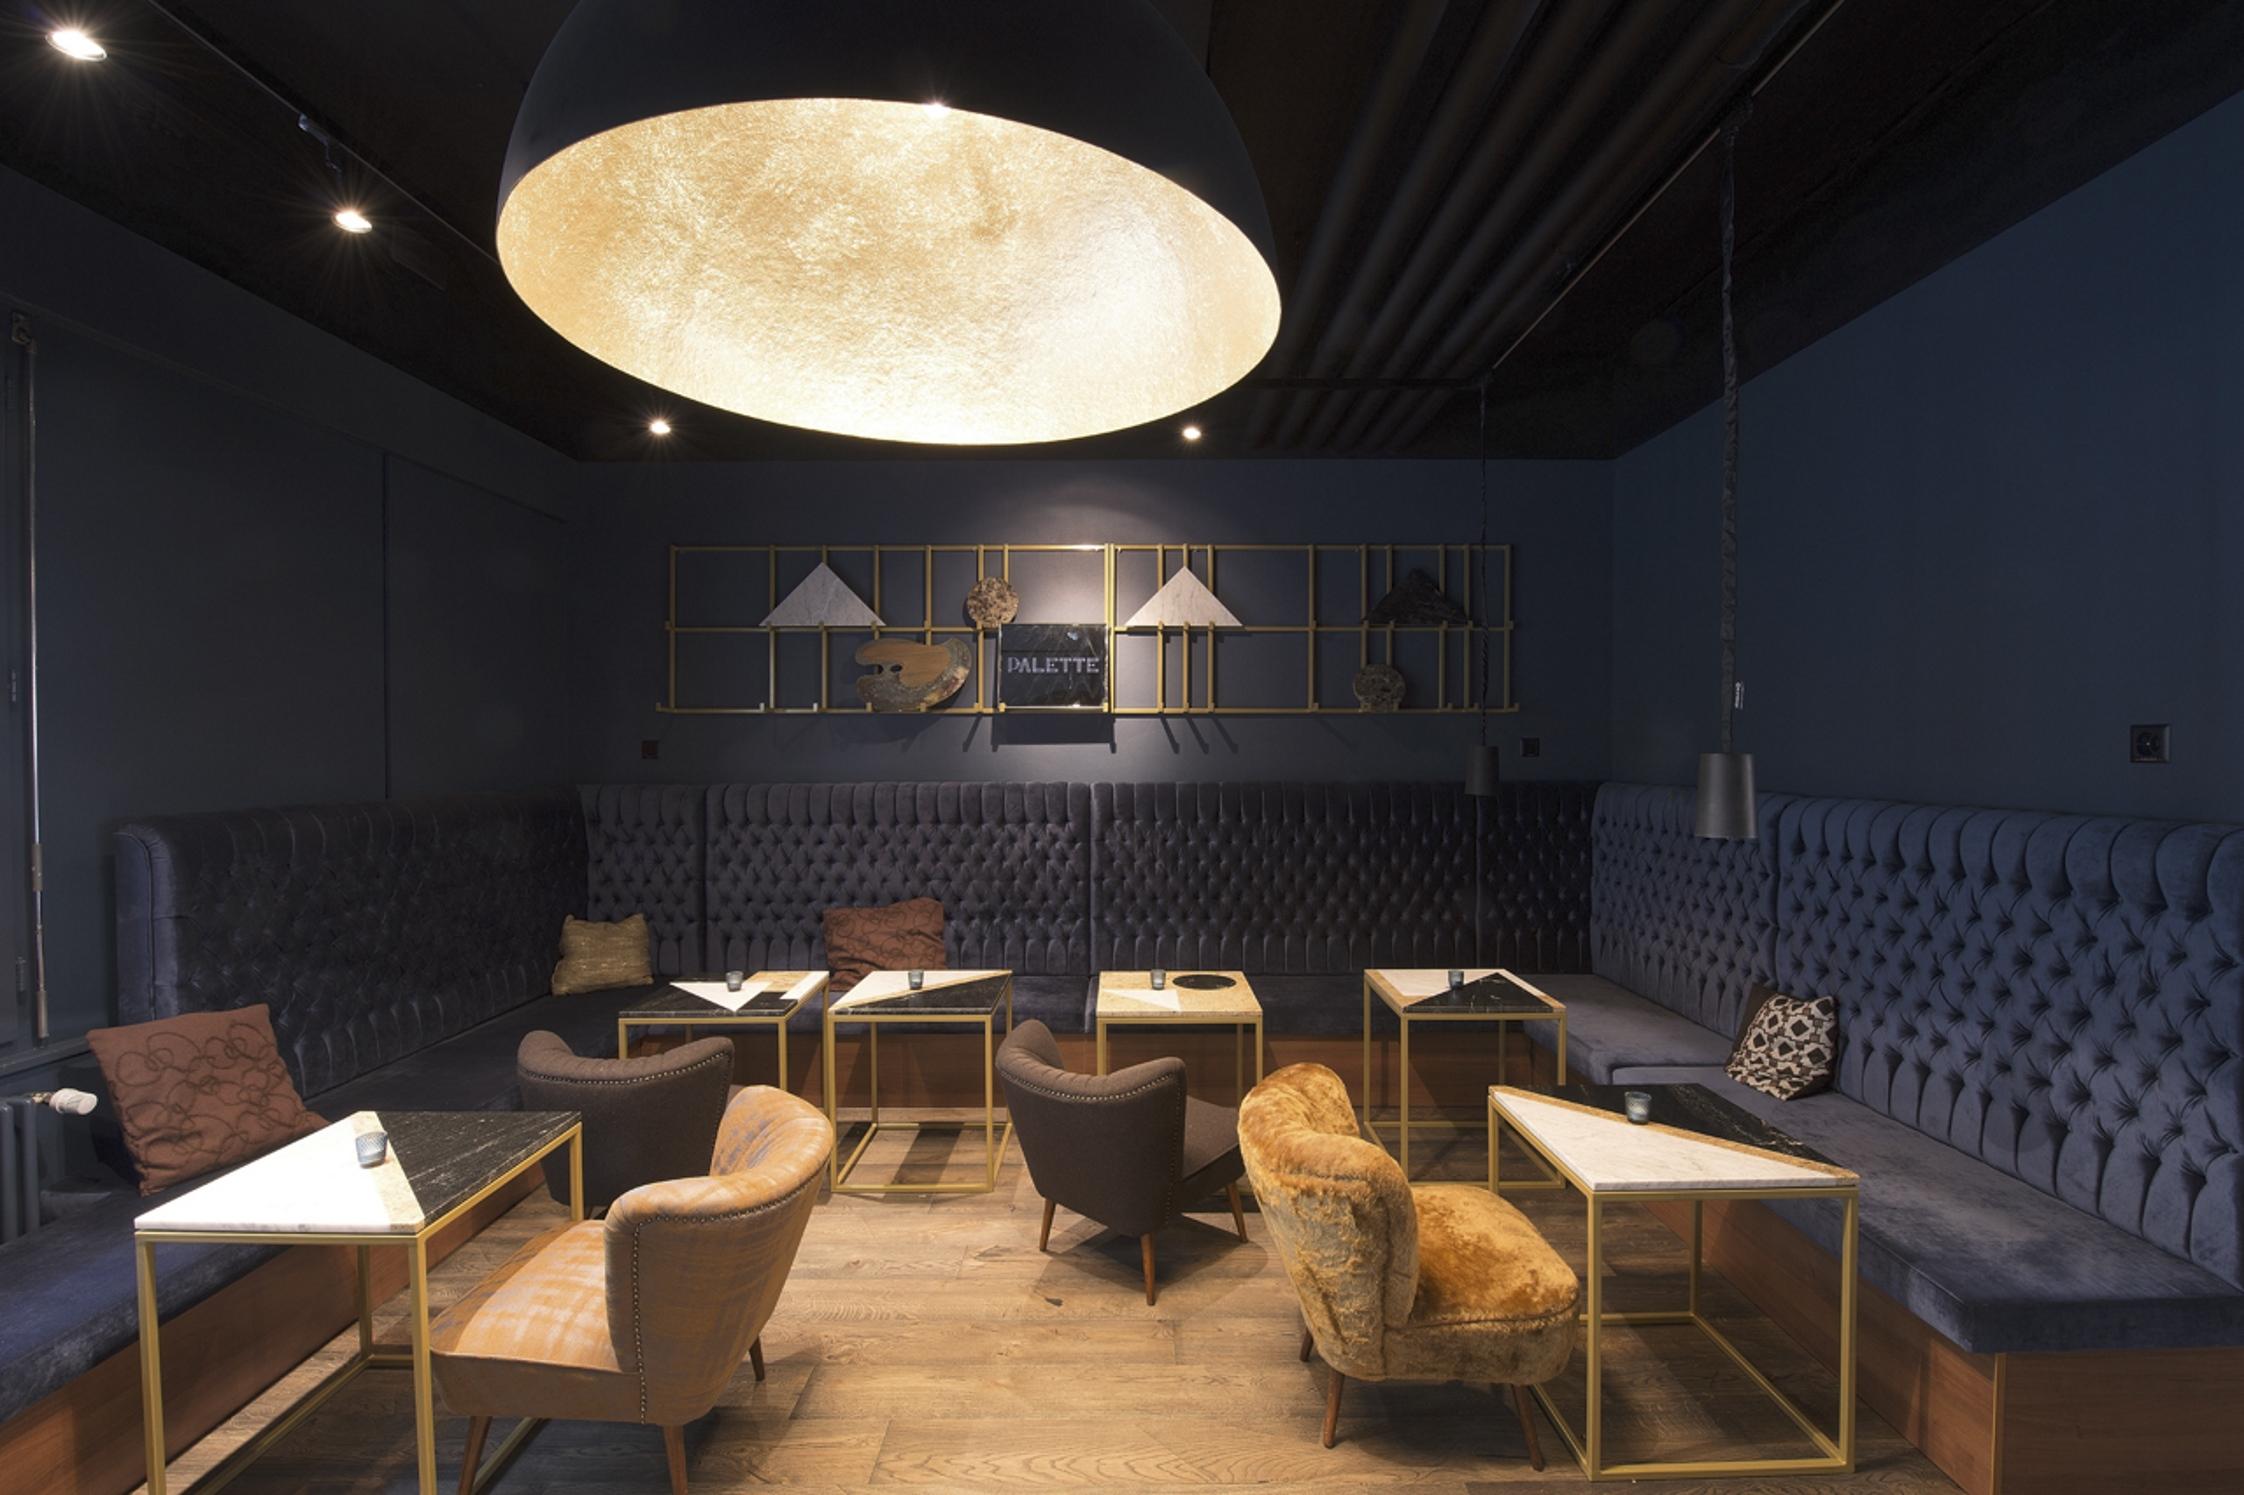 Palette Restaurant Bar Take Away in Zürich - Ausgezeichnete ...